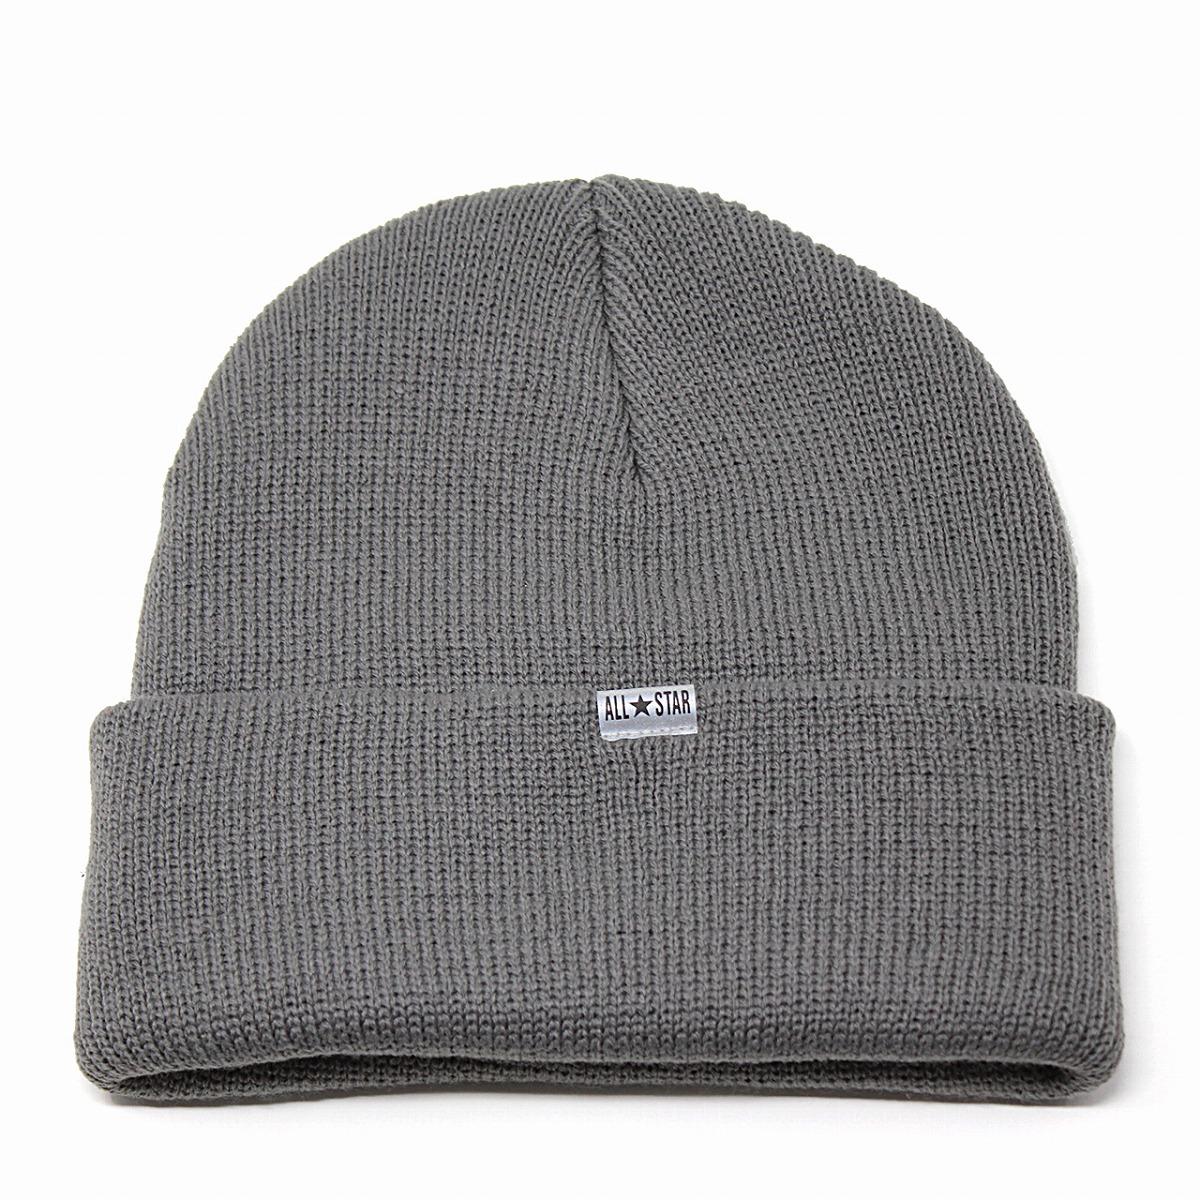 725ed3e7915 ELEHELM HAT STORE  Men gap Dis knit hat ALLSTAR gray gray  beanie ...